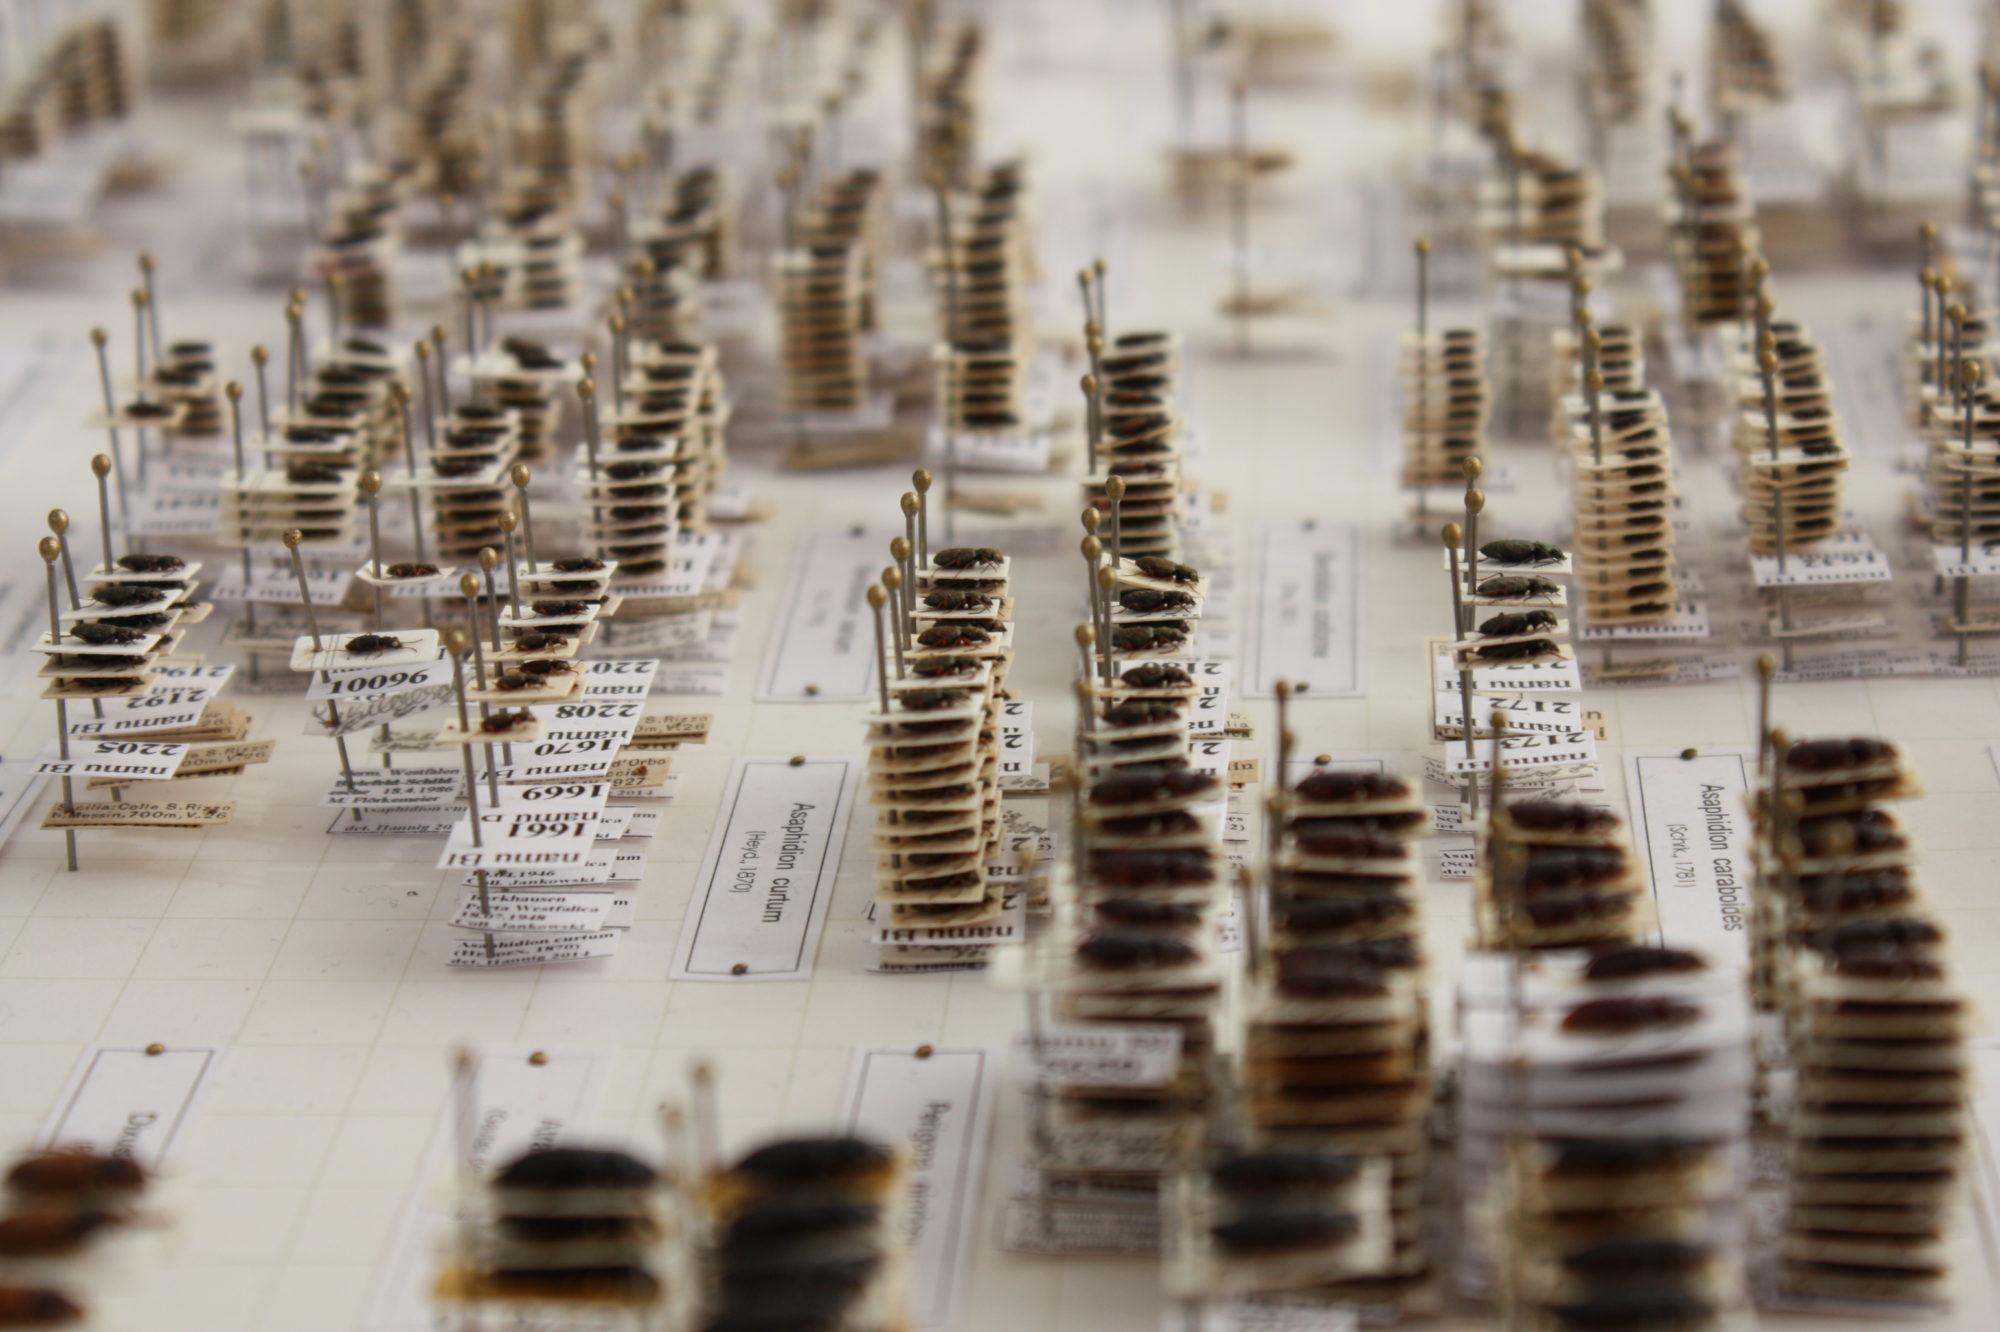 Bild der Käfersammlung